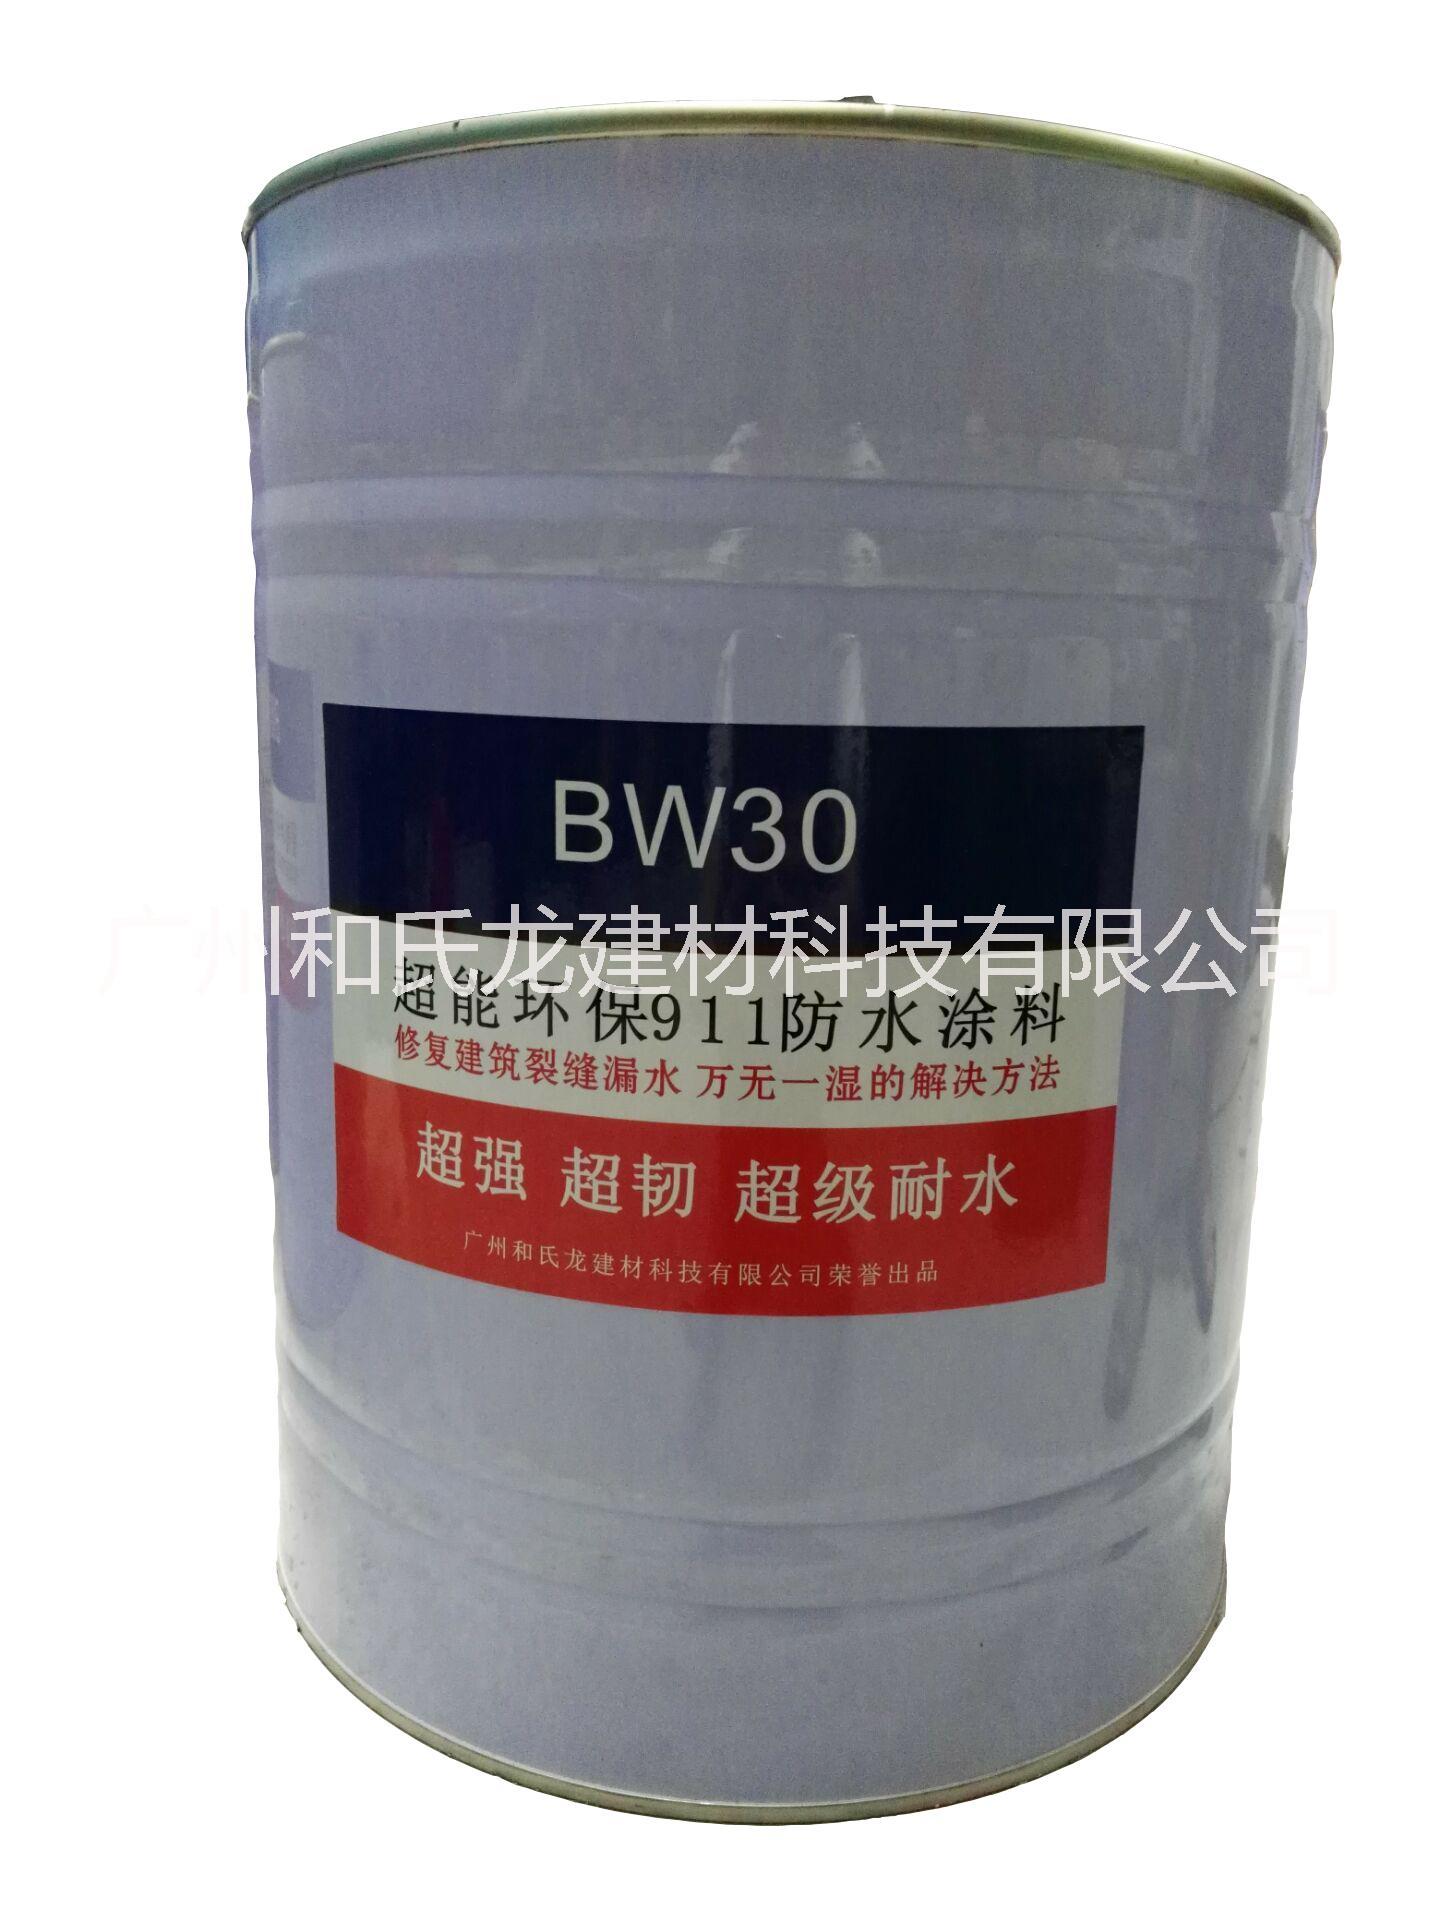 供应用于新旧建筑防水的超能环保911防水涂料